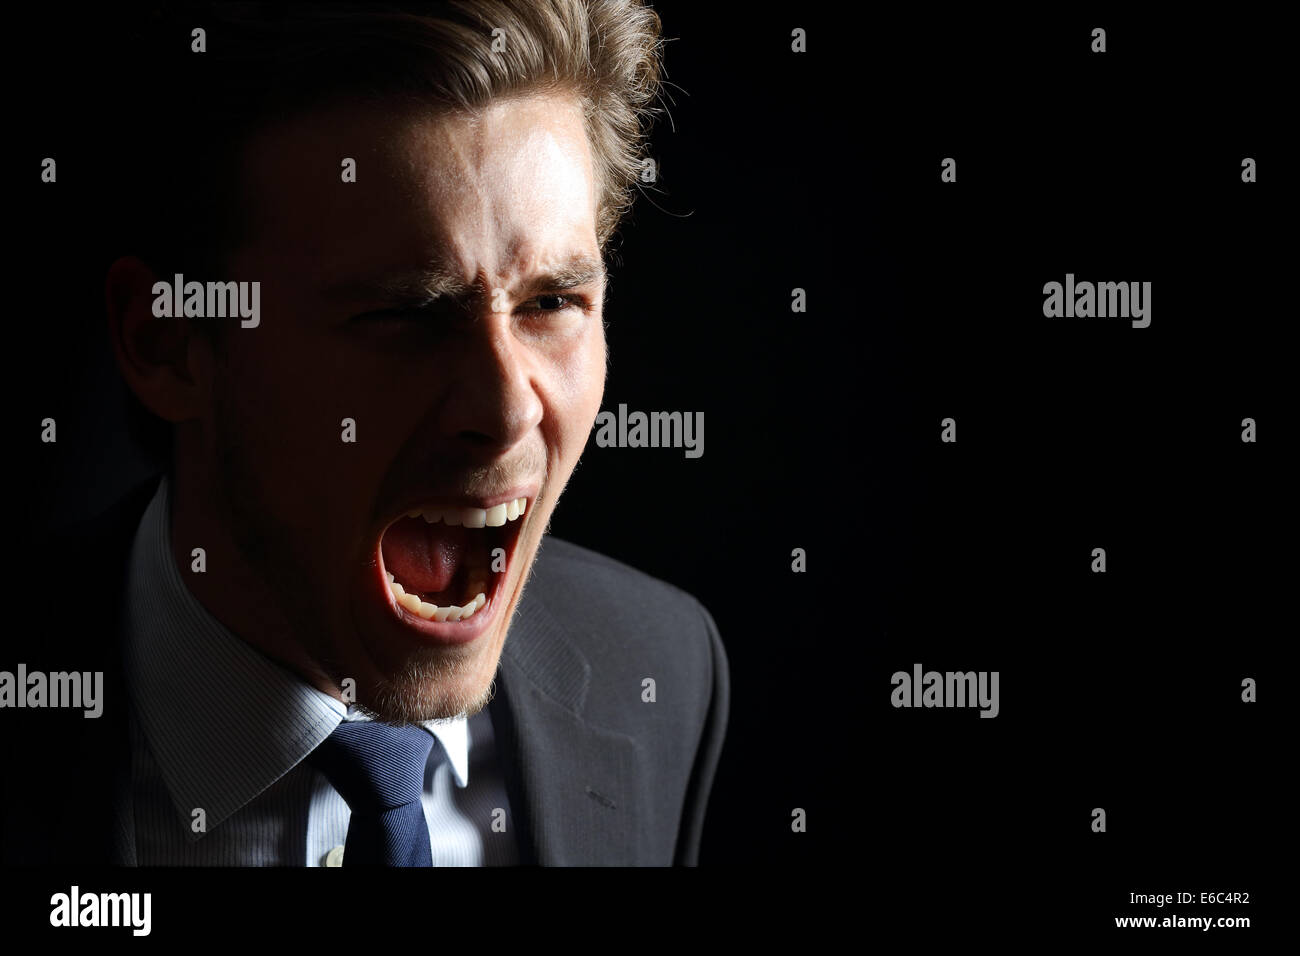 Empresario enojado gritos aislados en un fondo negro Foto de stock